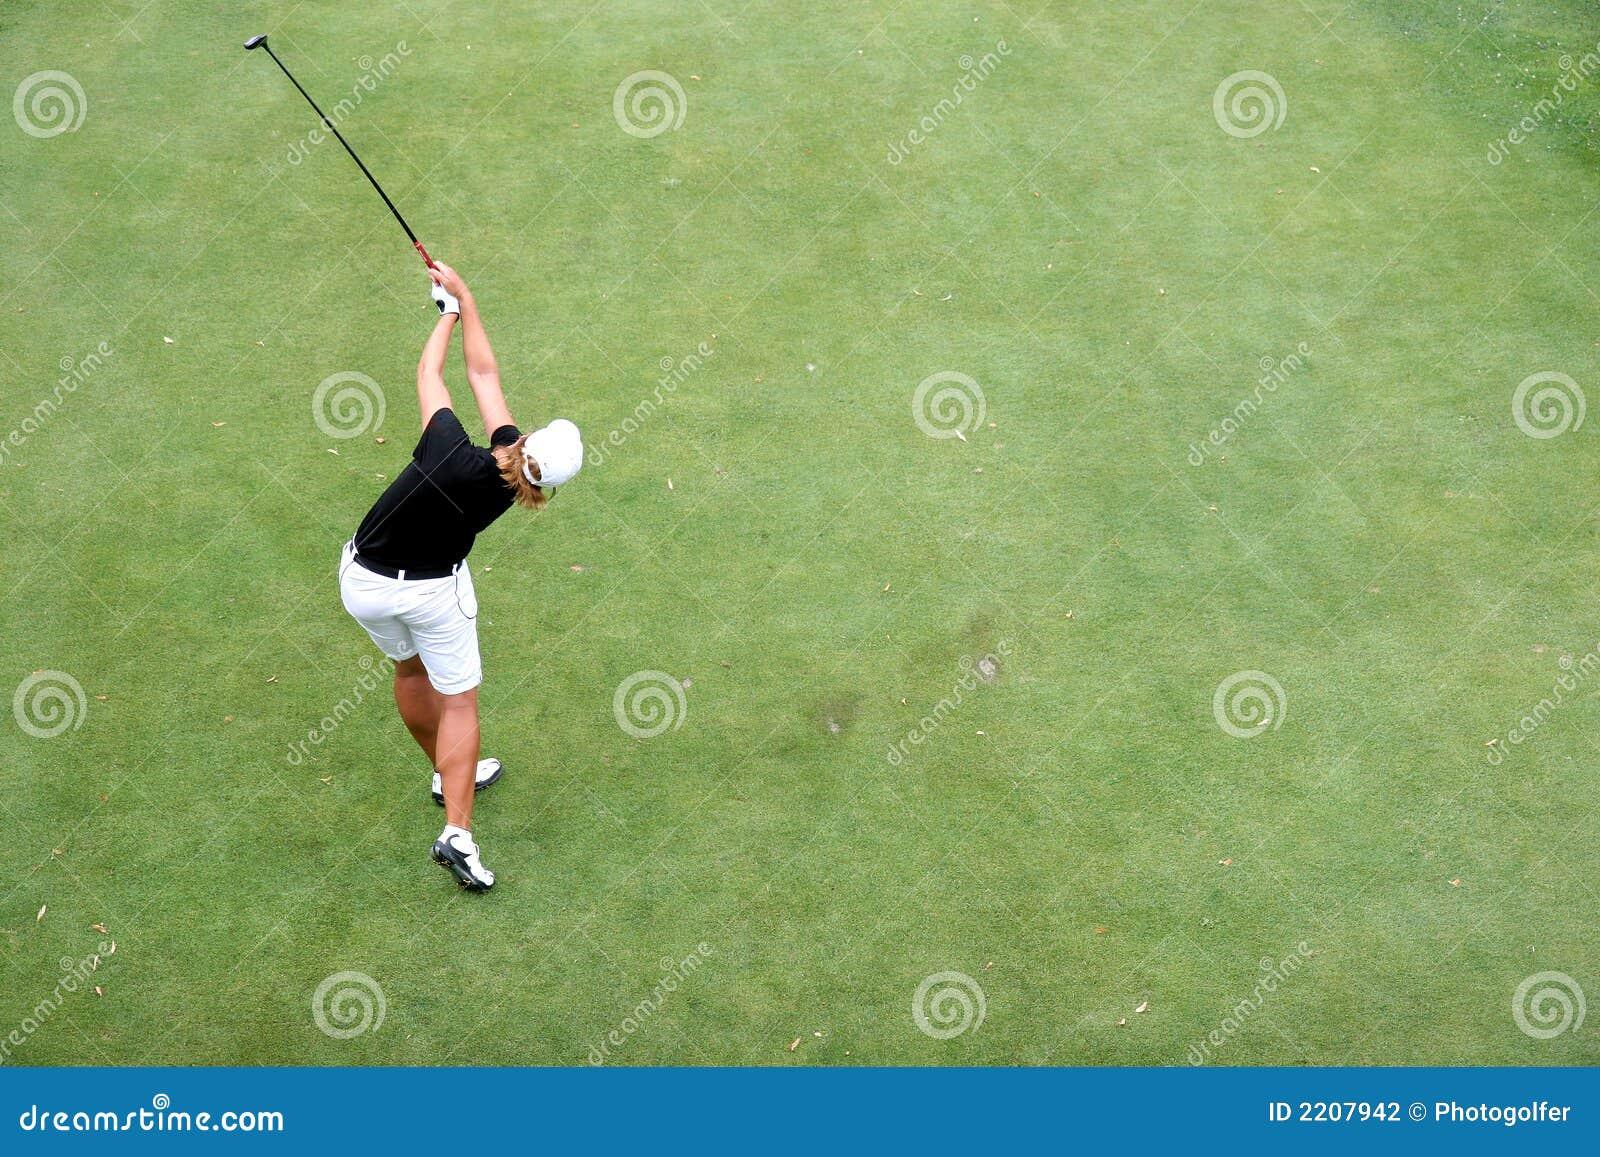 Lady golf swing in evian